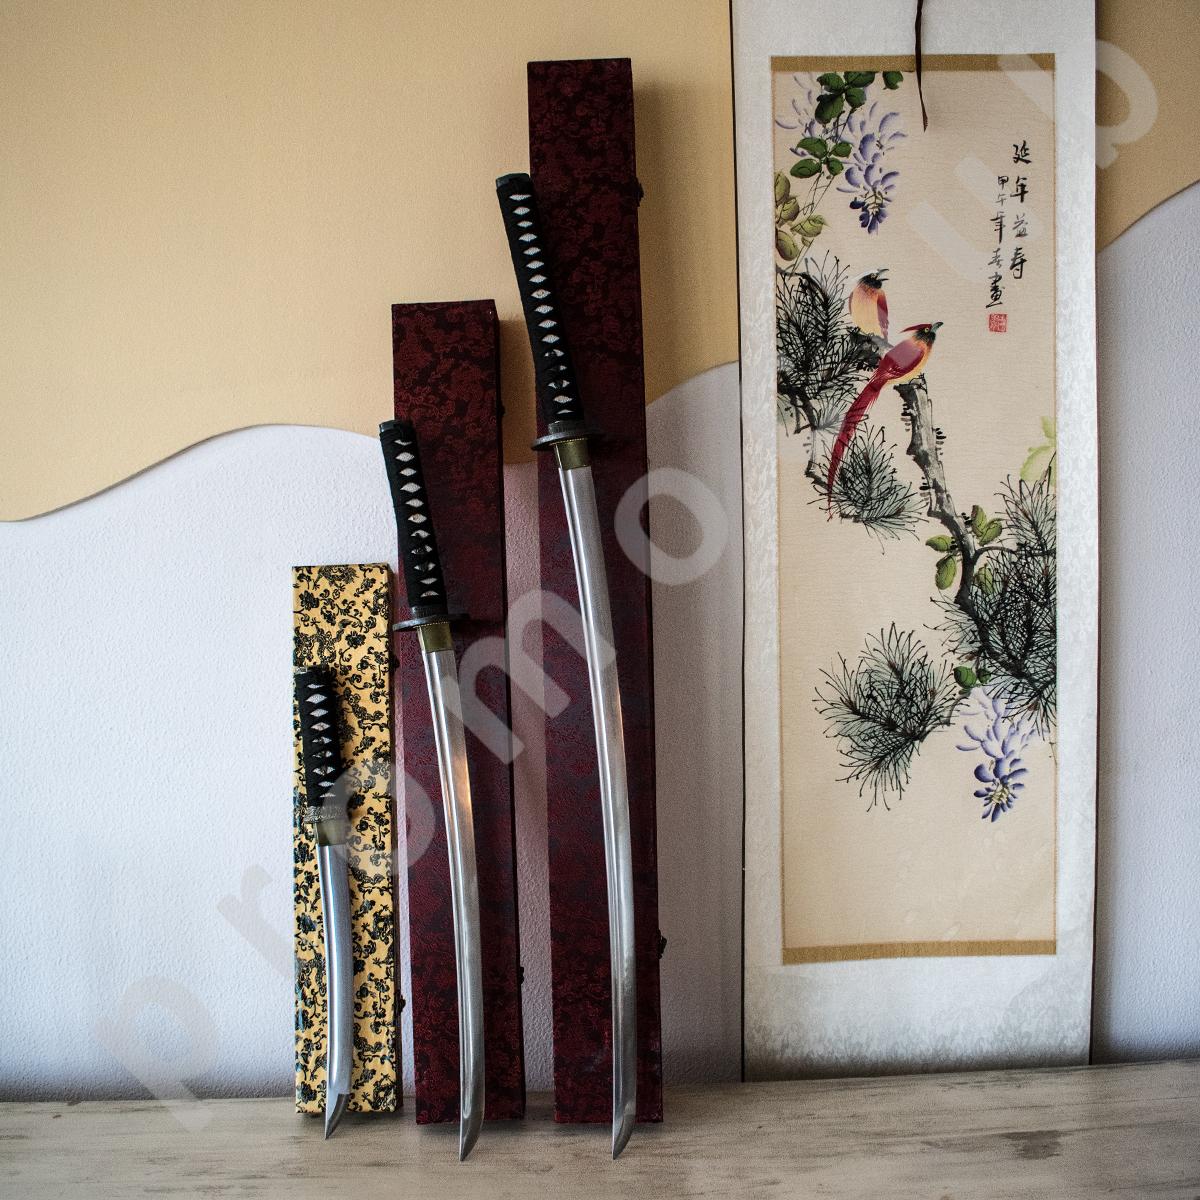 Комплект 3 броя луксозни японски самурайски мечове -  ТАНТО, УАКИЗАШИ и ТАНТО , заточени